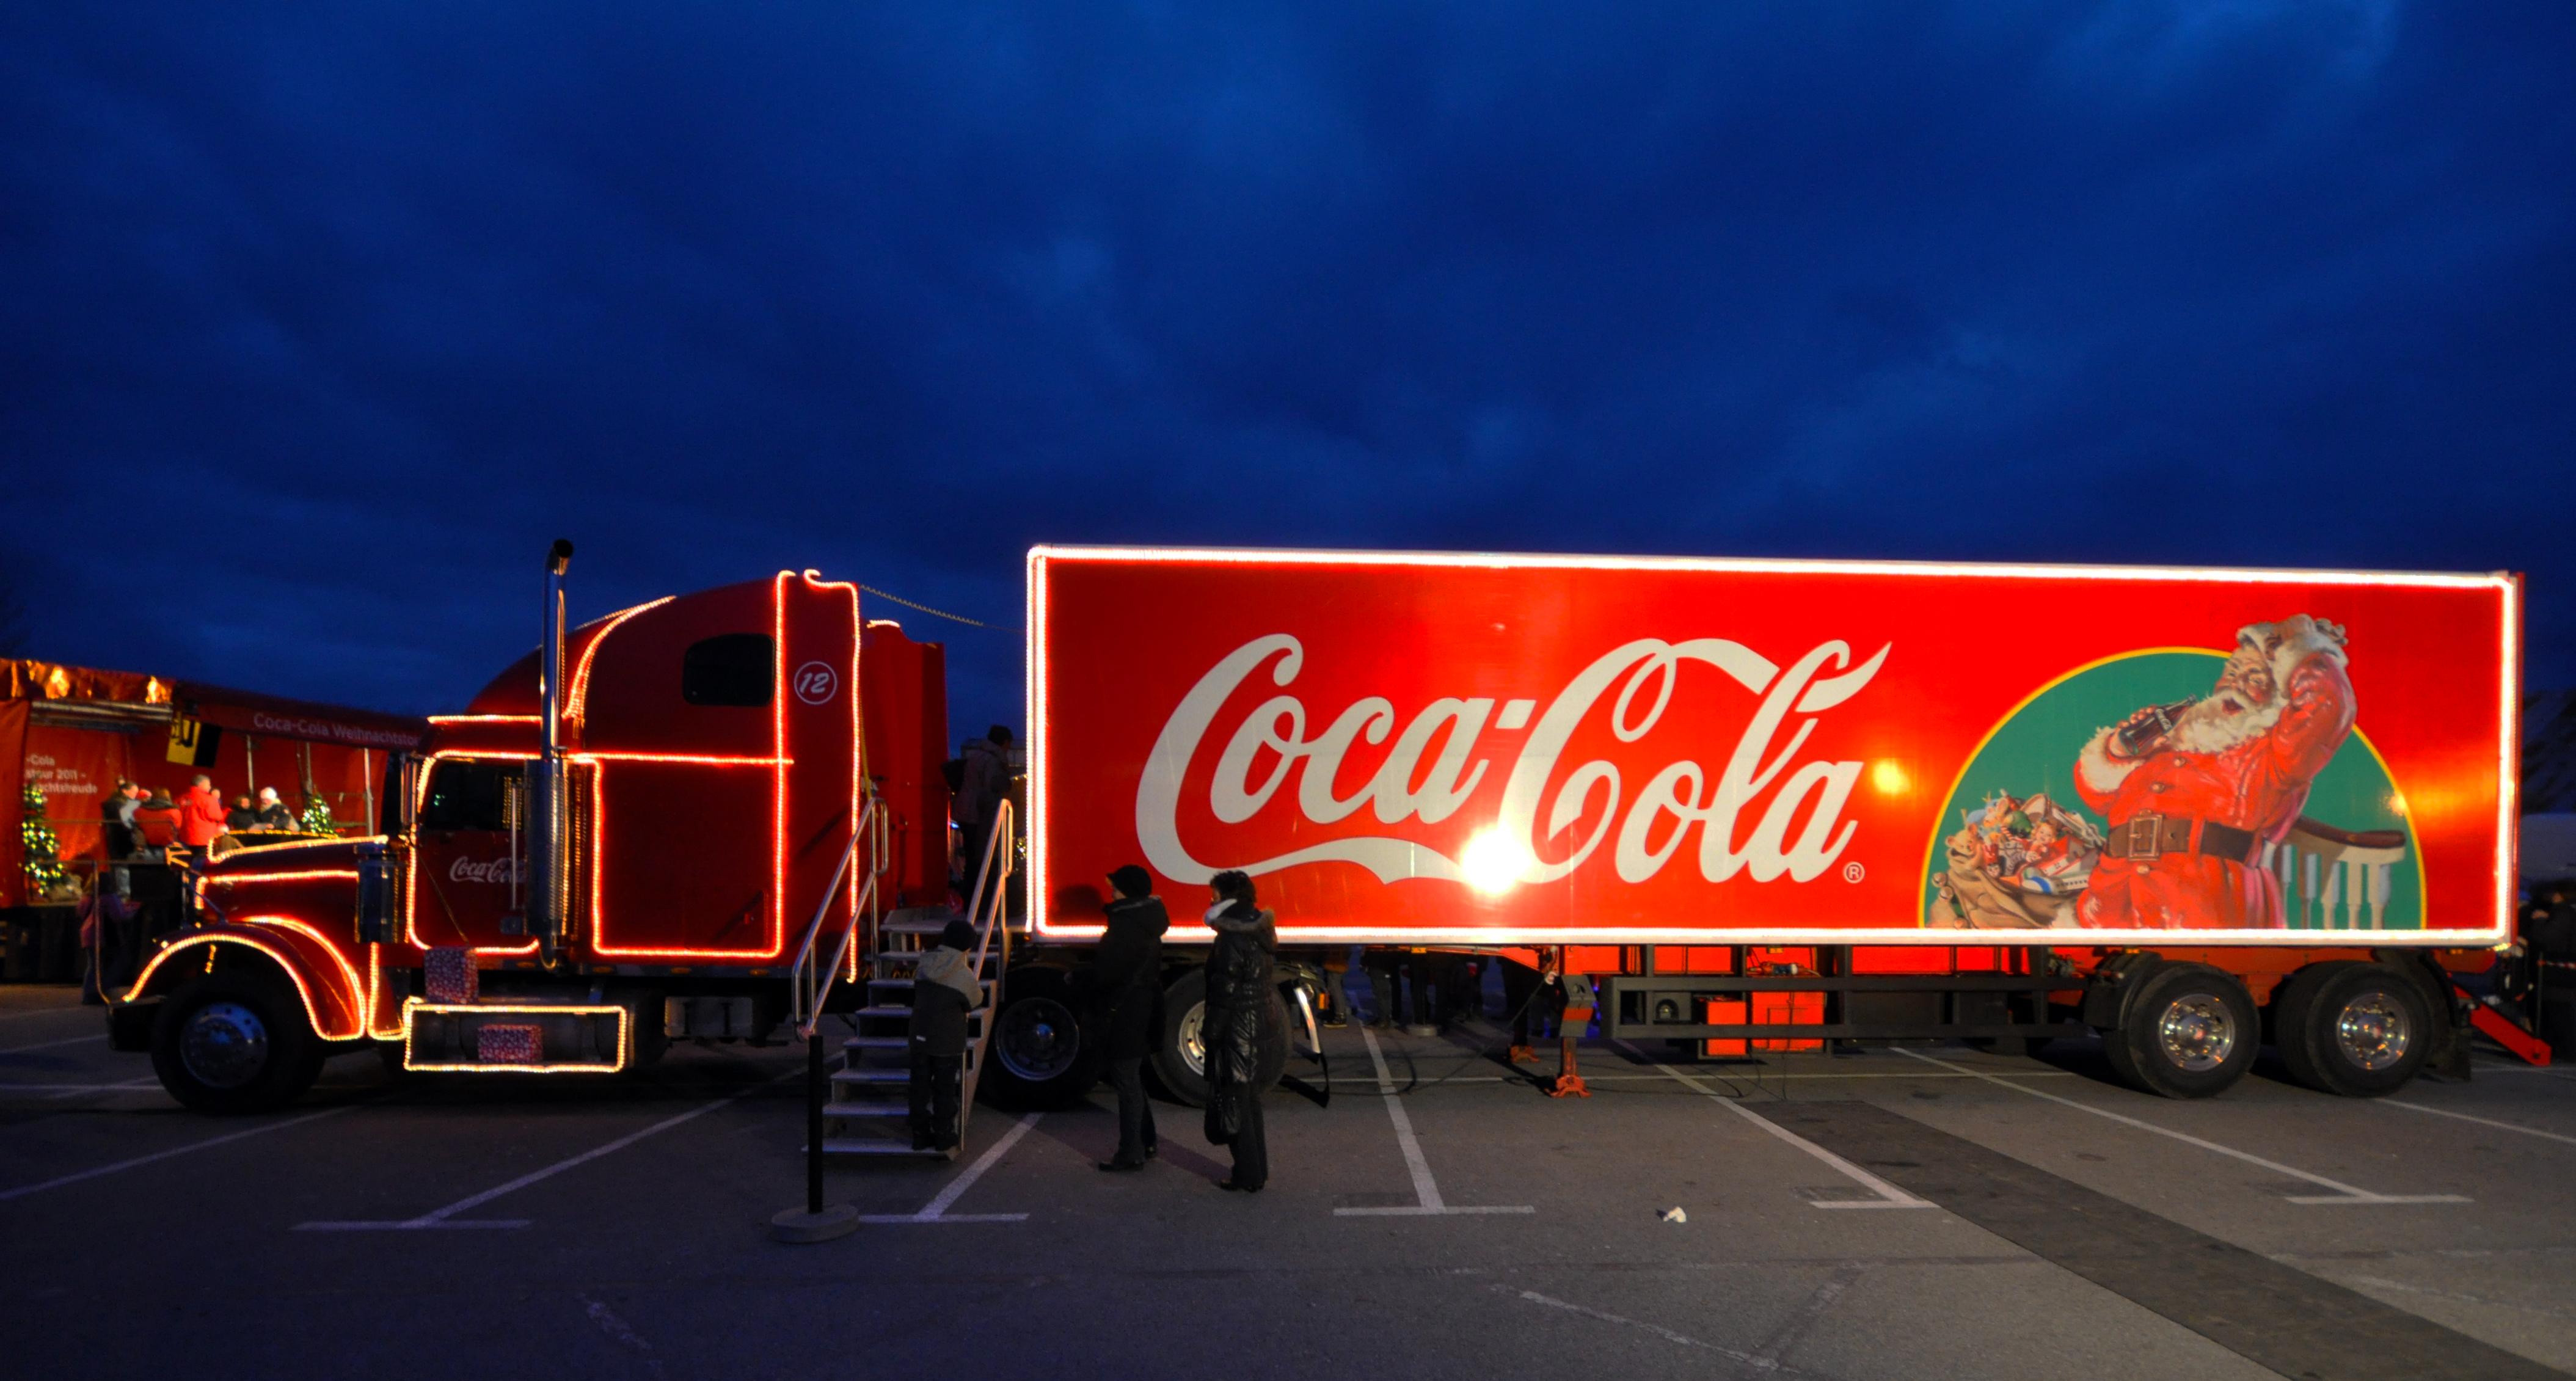 Coca Cola Weihnachten Wallpaper in Der Coca-cola-werbung